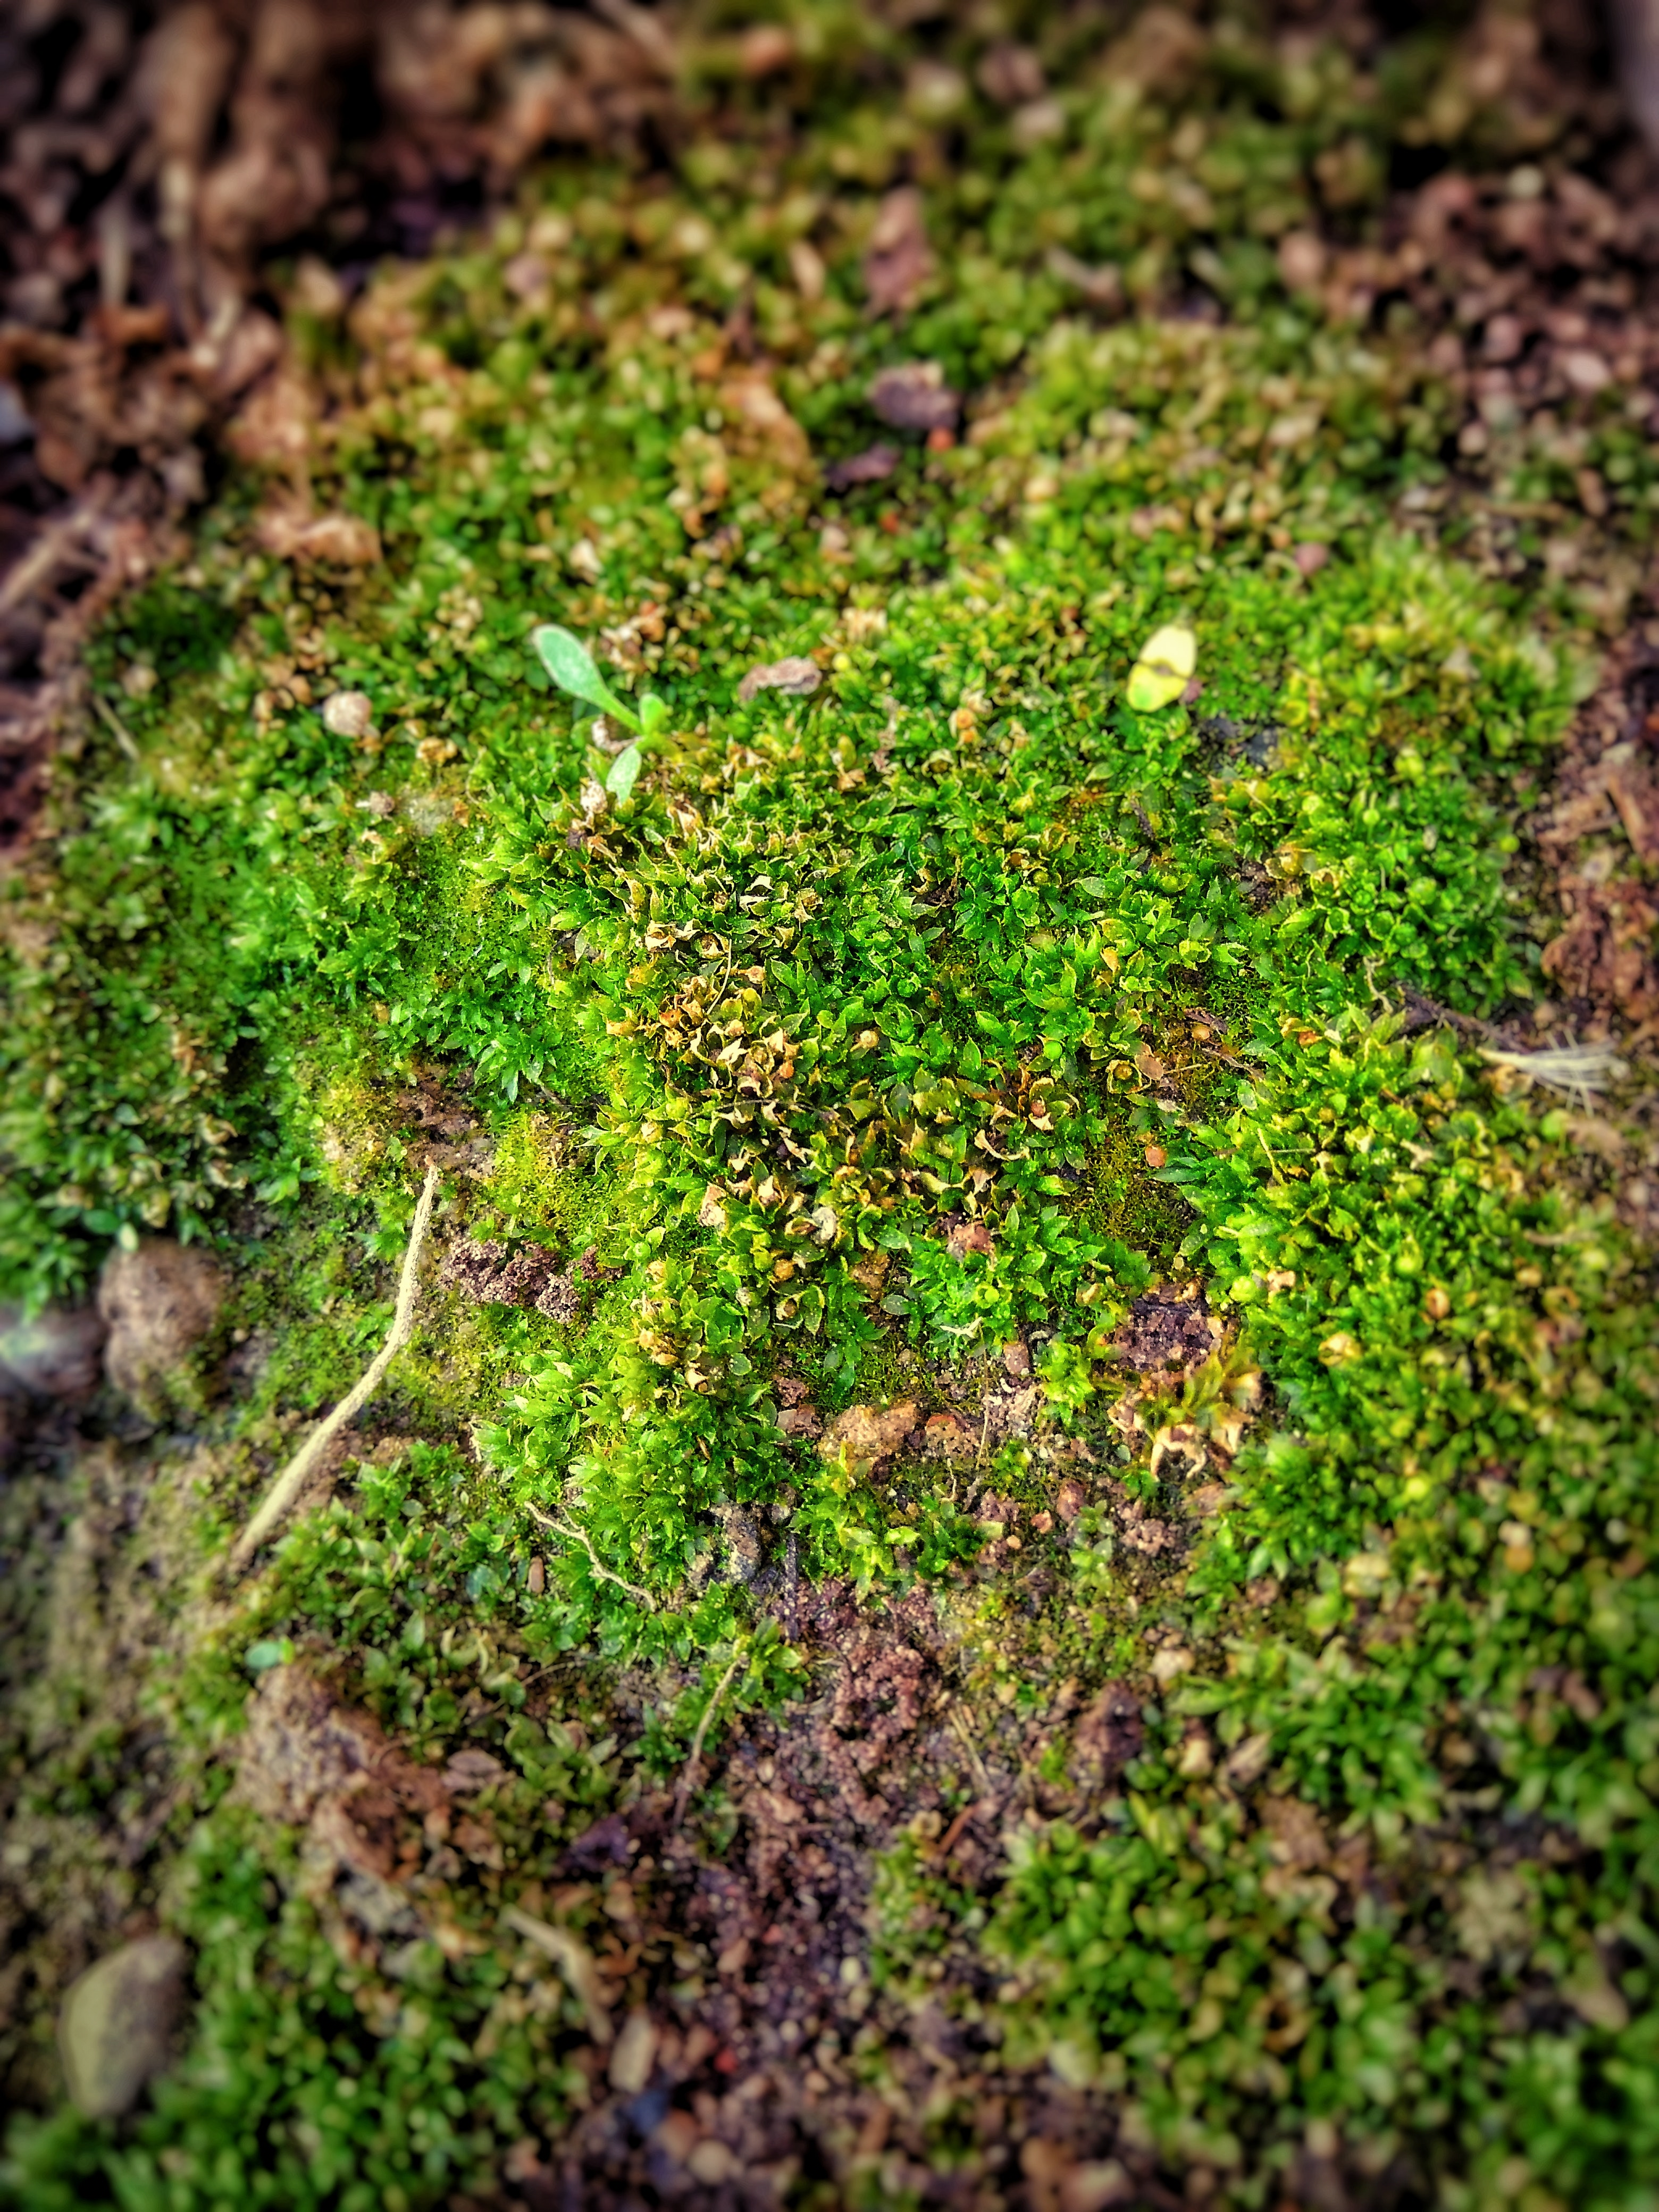 Shallow Focus Photo of Green Moss, Close-up, Moss, Texture, Summer, HQ Photo